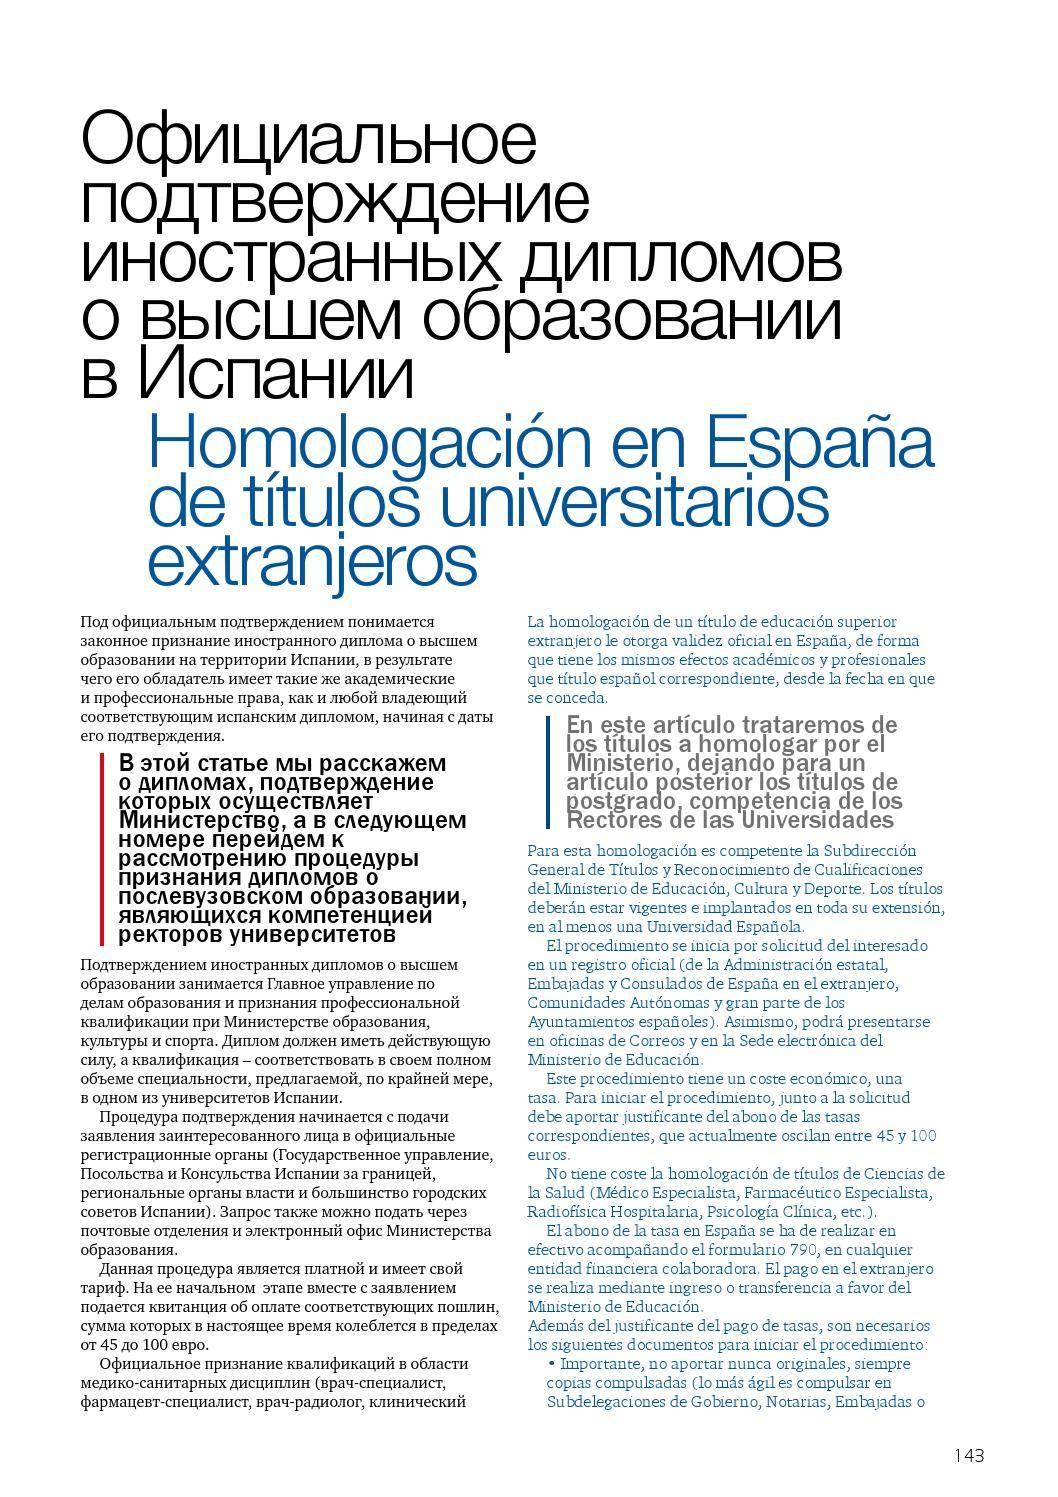 Особенности процедуры подтверждения диплома в испании